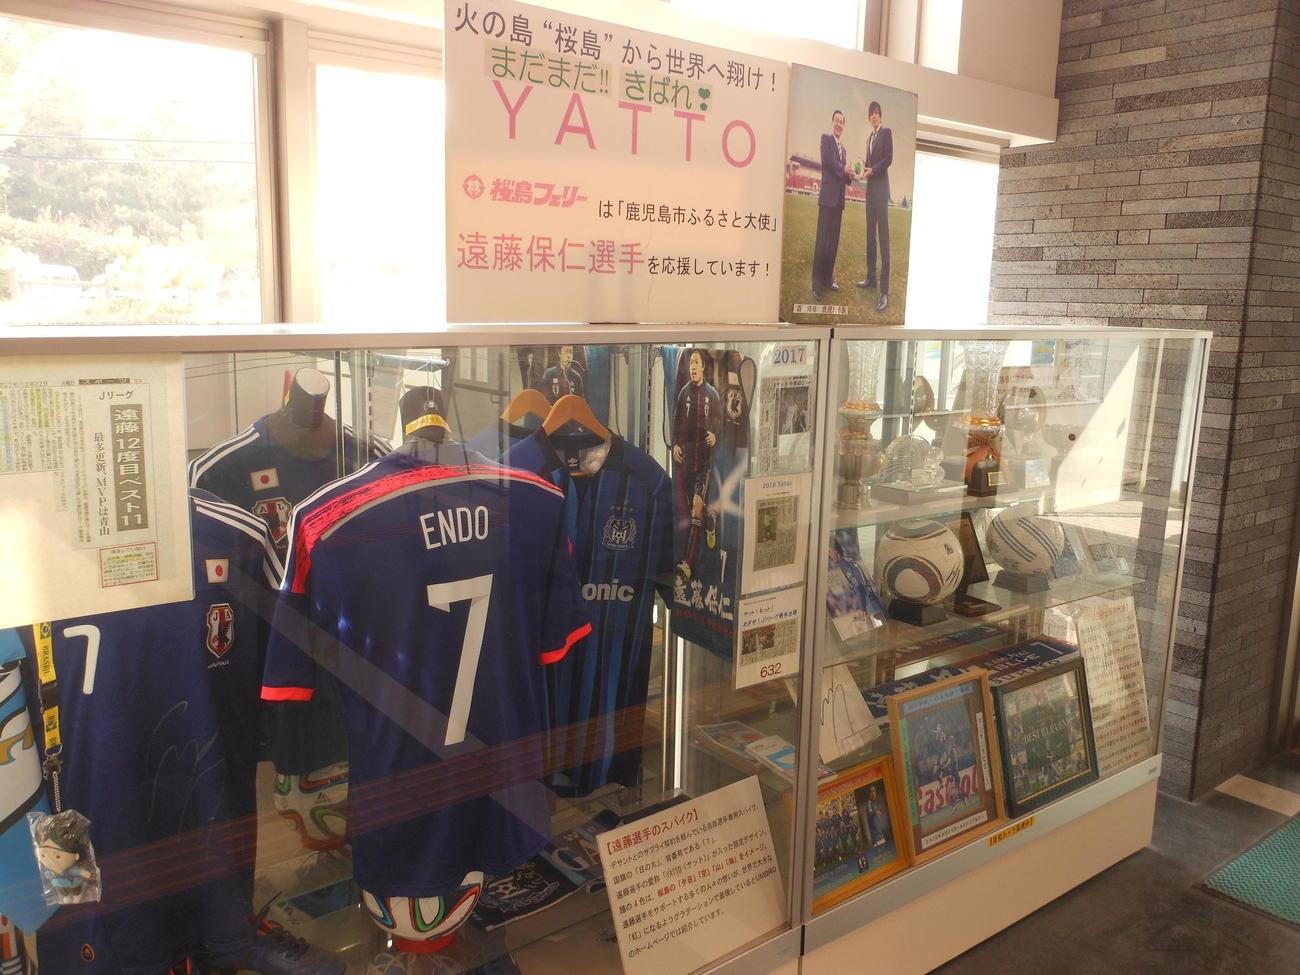 G大阪遠藤の地元桜島港のフェリー乗り場にはこれまでの活躍を示す展示場がある